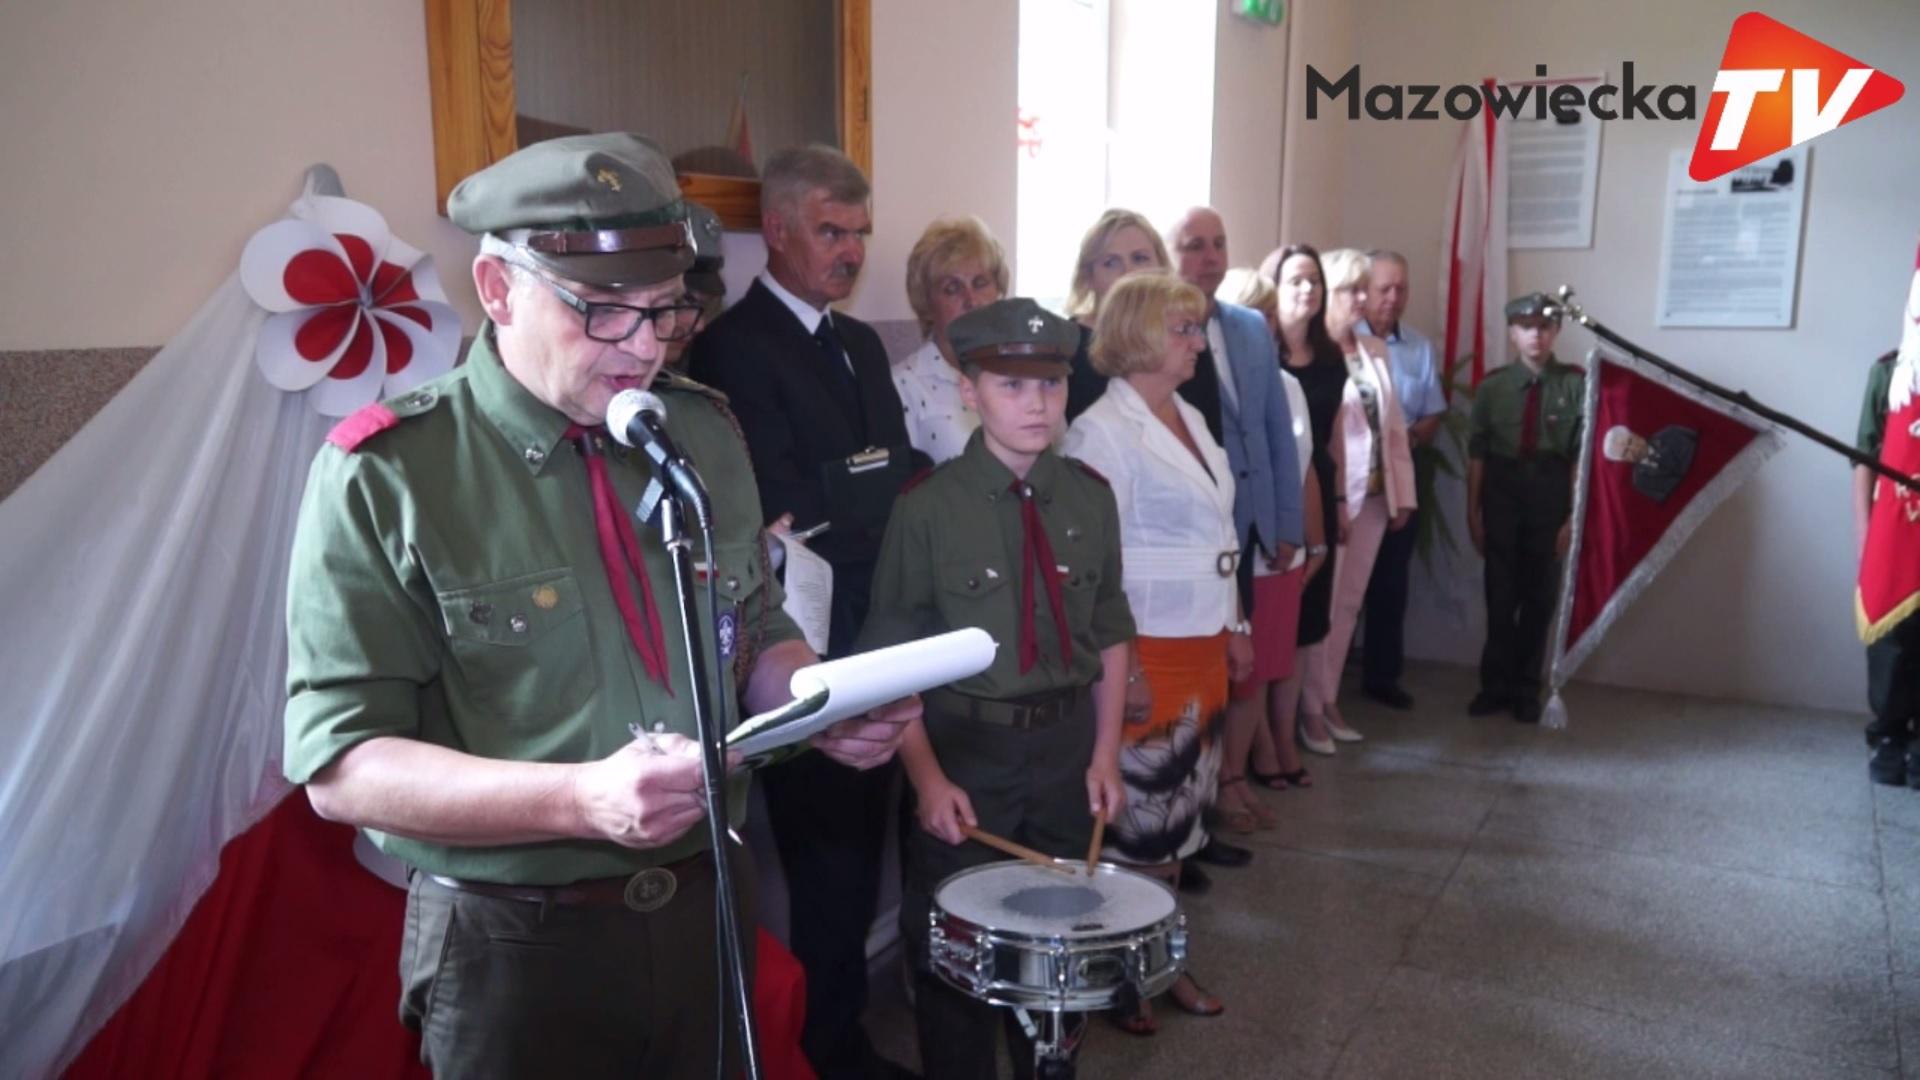 Odsłonięcie tablicy patrona w Publicznej Szkole Podstawowej w Łęczeszycach